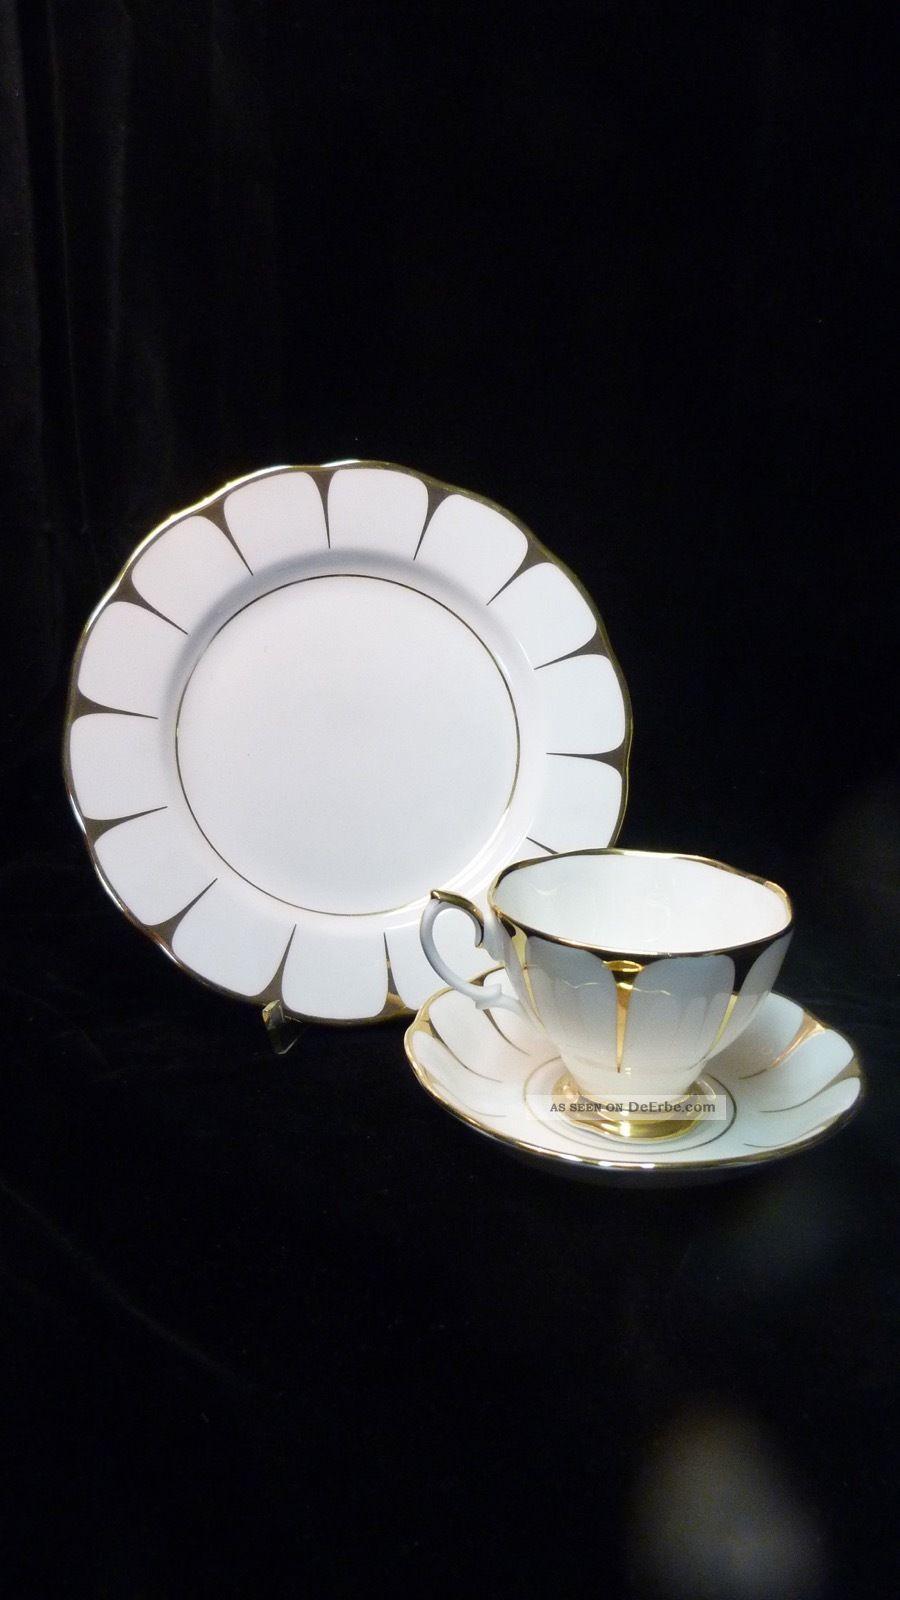 royal vale sammelgedeck bone china porzellan england vintage. Black Bedroom Furniture Sets. Home Design Ideas